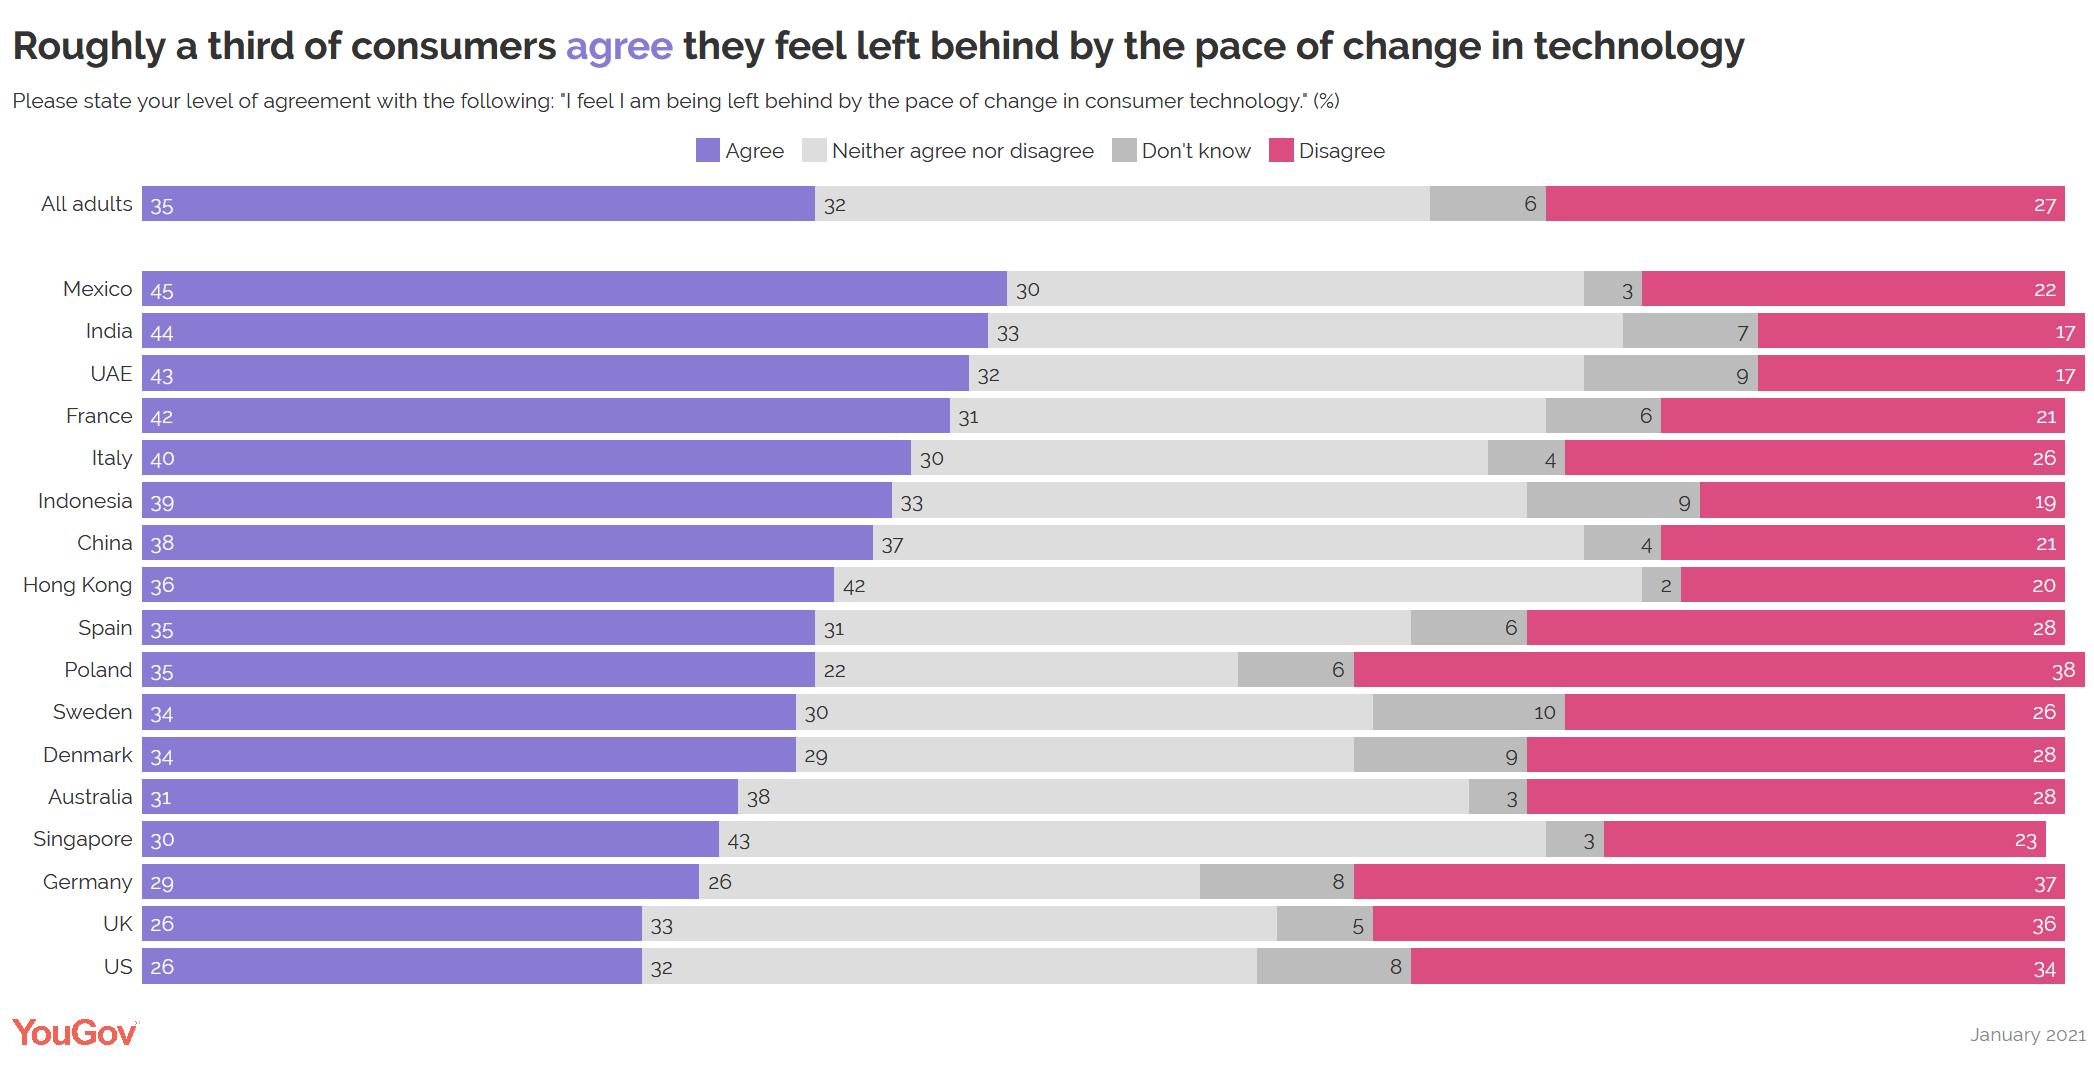 YouGov:全球1/3的消費者覺得自己無法跟上科技變化步伐